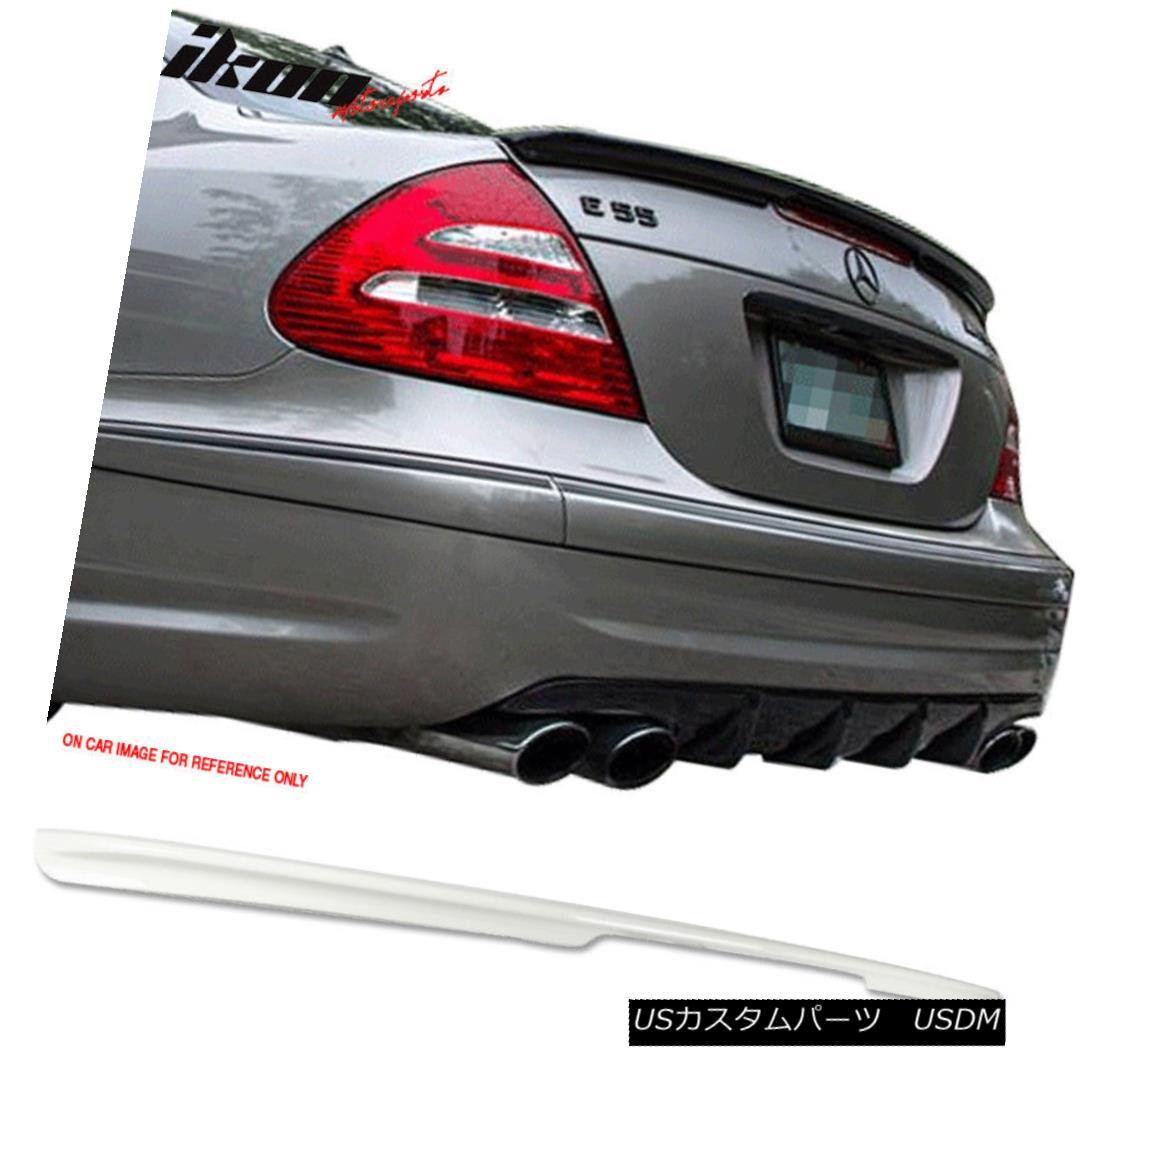 エアロパーツ Fits 03-09 E-Class W211 AMG Style ABS Trunk Spoiler Painted Alabaster White #960 フィット03-09 EクラスW211 AMGスタイルABSトランクスポイラー塗装アラバスターホワイト#960